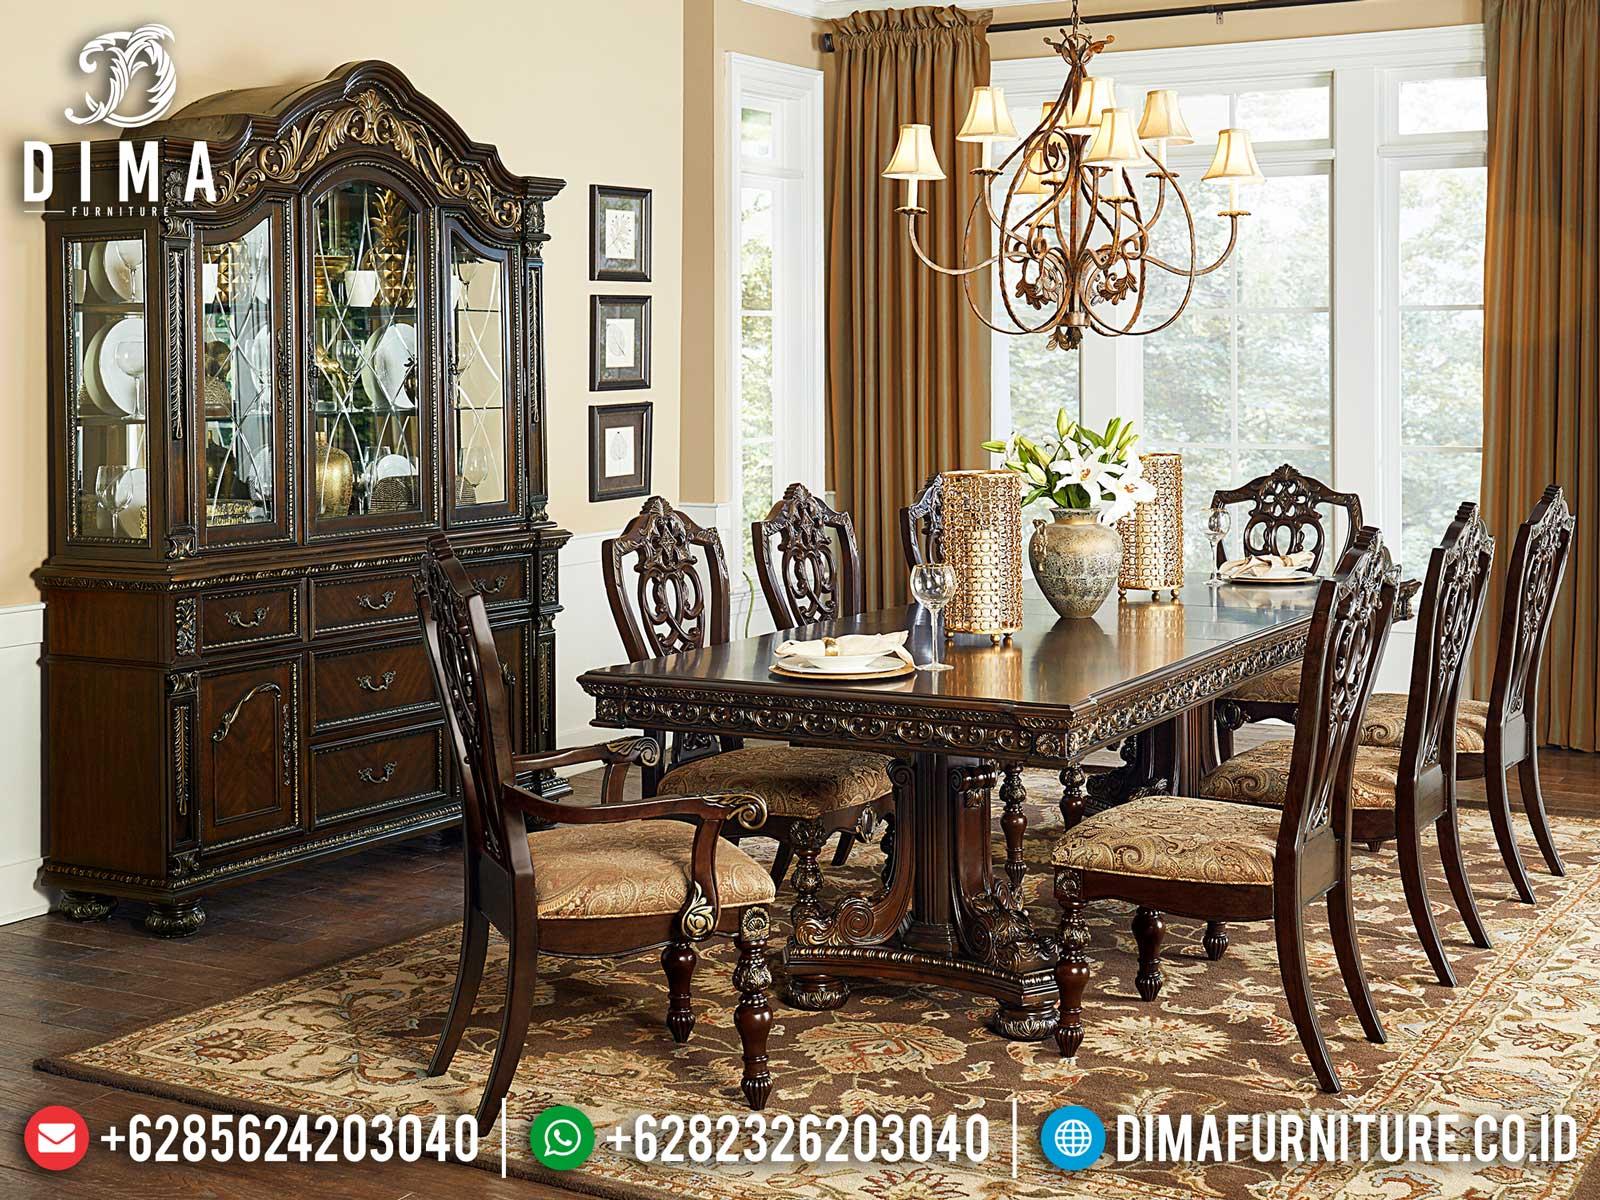 Harga Meja Makan Jepara Minimalis Classic Design Luxury Carving St-1239